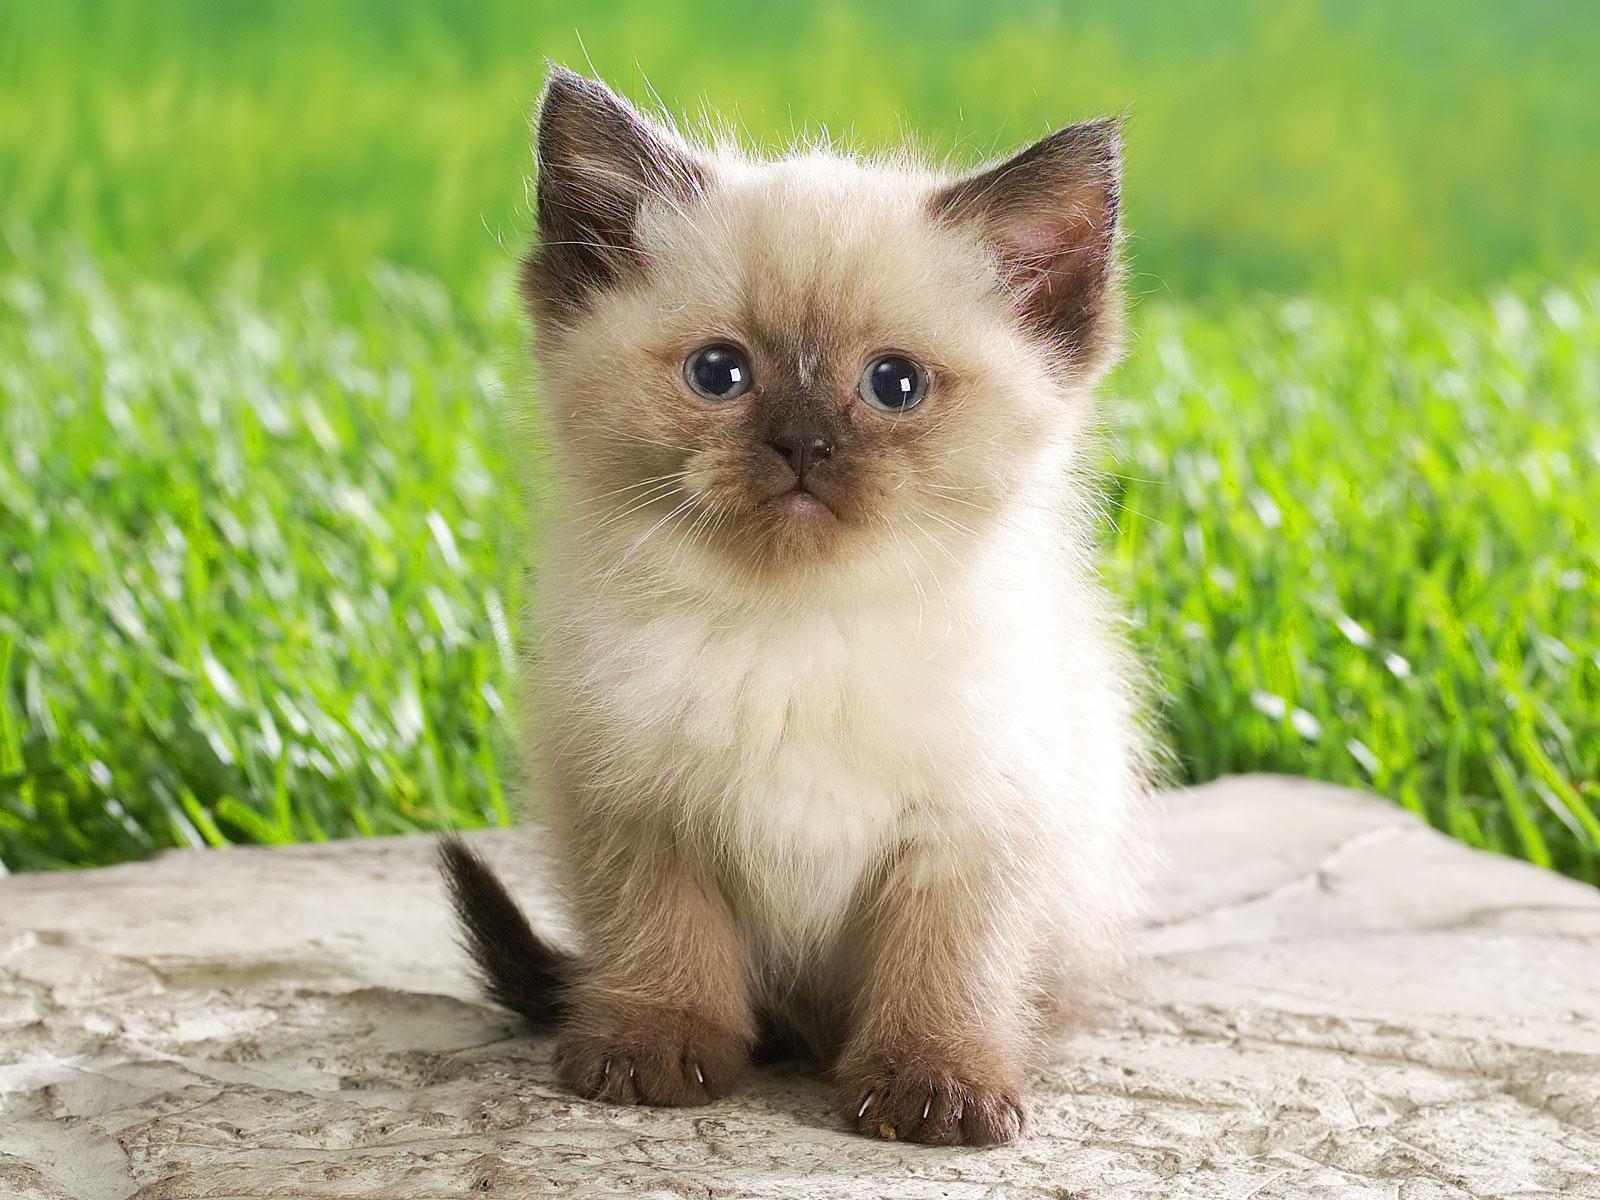 download gambar kucing lucu - gambar kucing